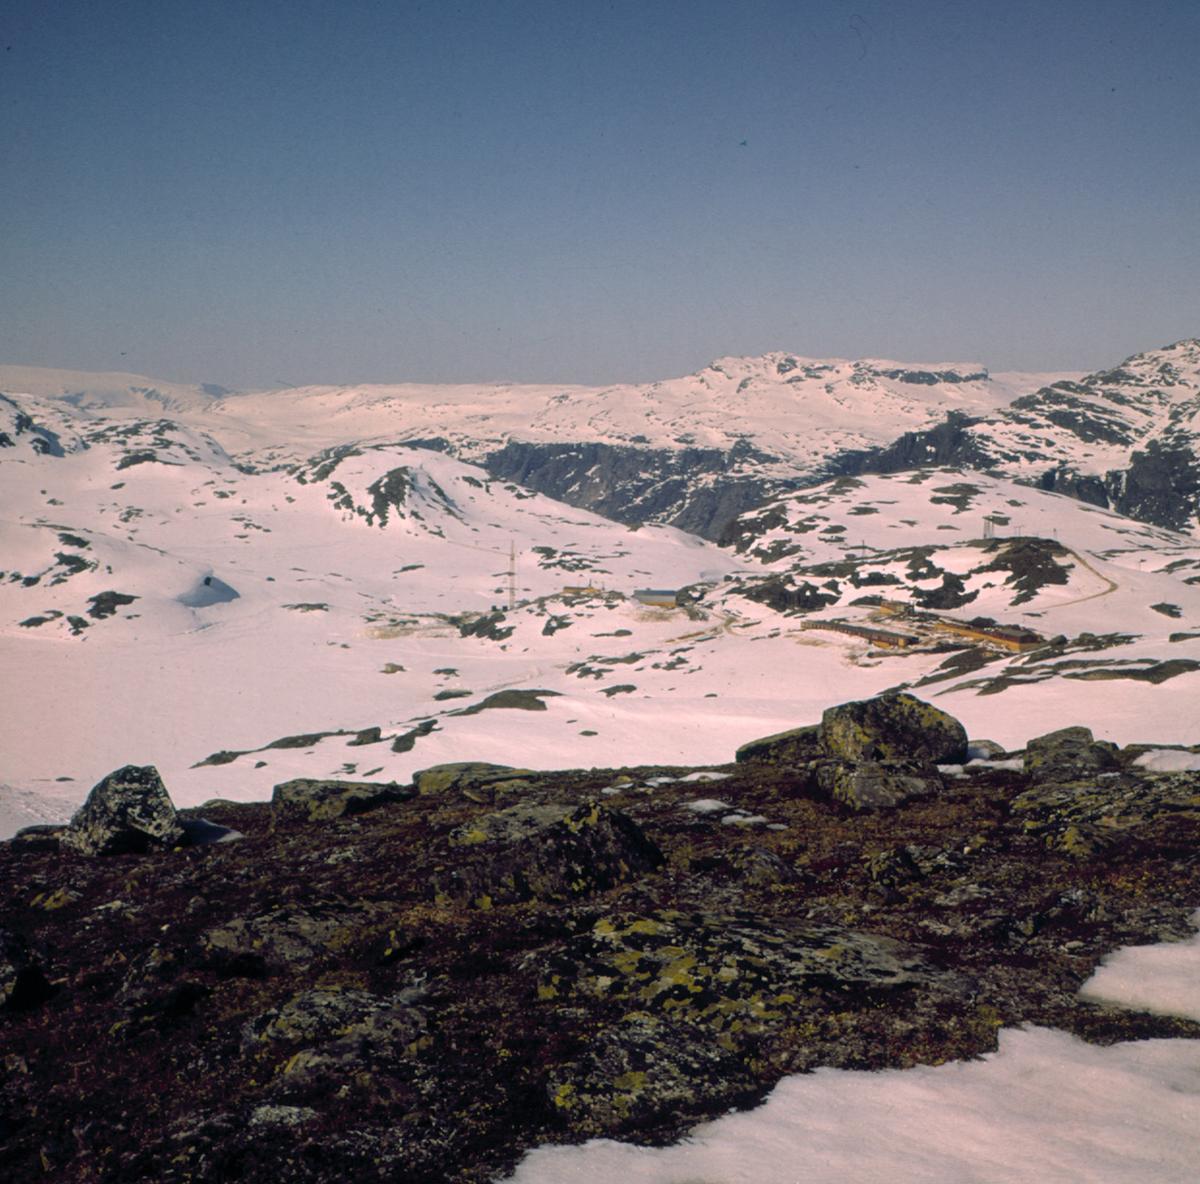 Utsikt frå Langevatn mot Loftsnut og Prekestolen, vinter, brakker